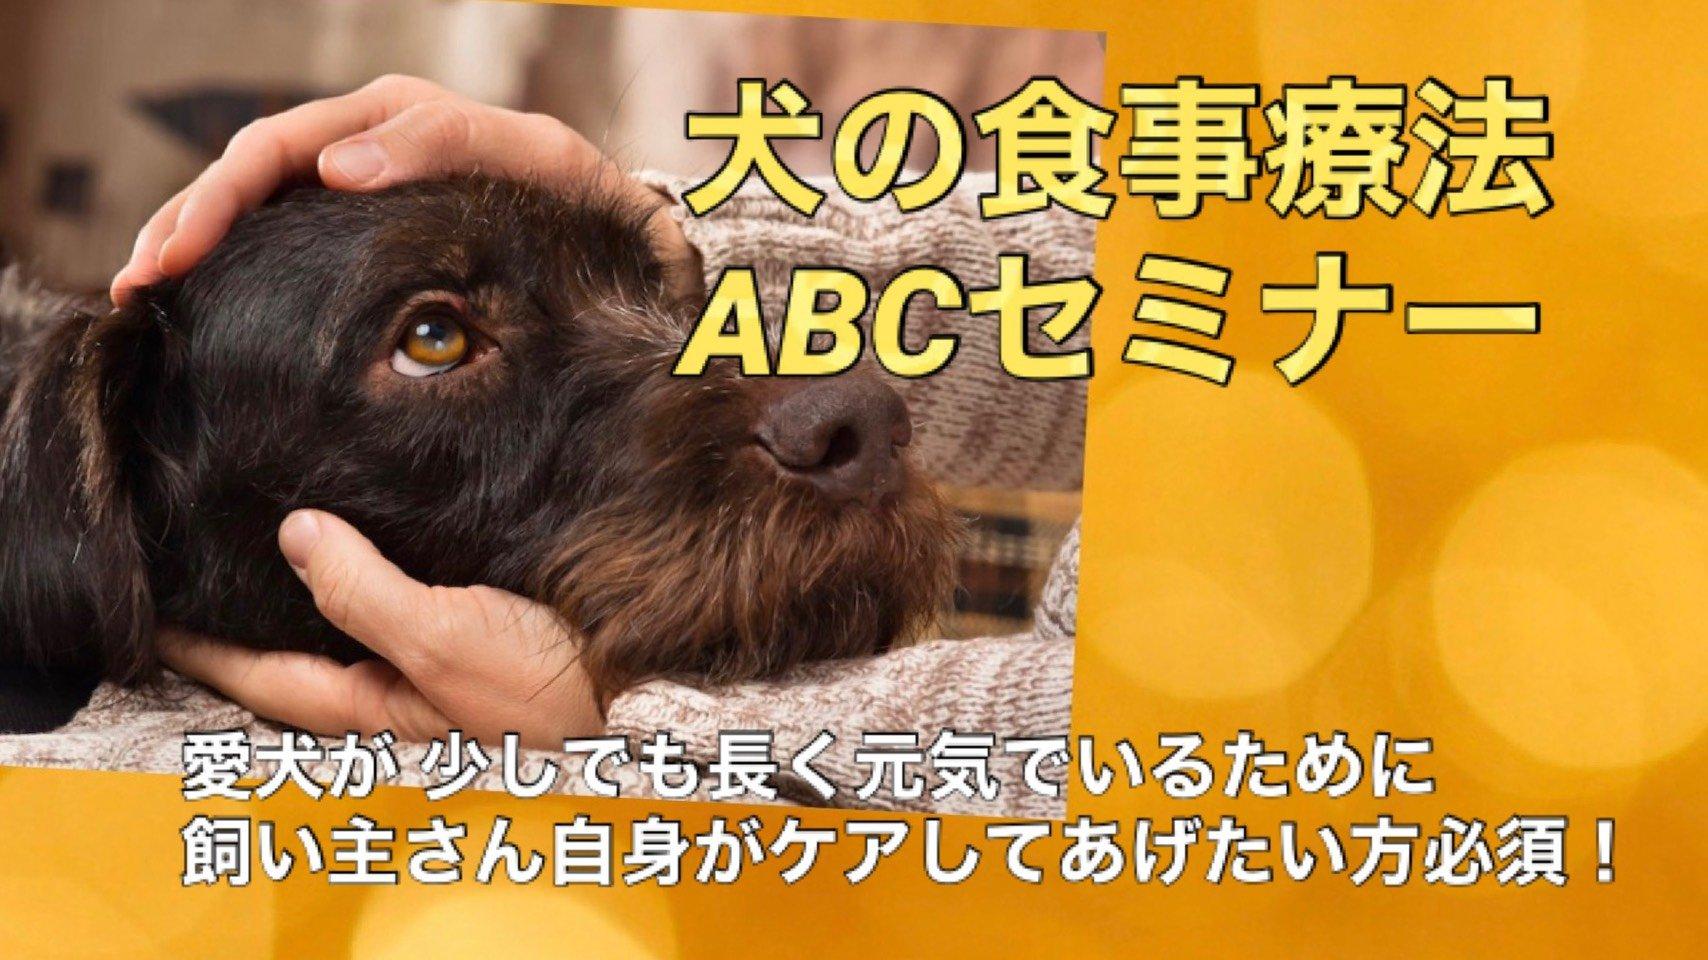 【店頭払いのみ】犬の食事療法ABCセミナーのイメージその1